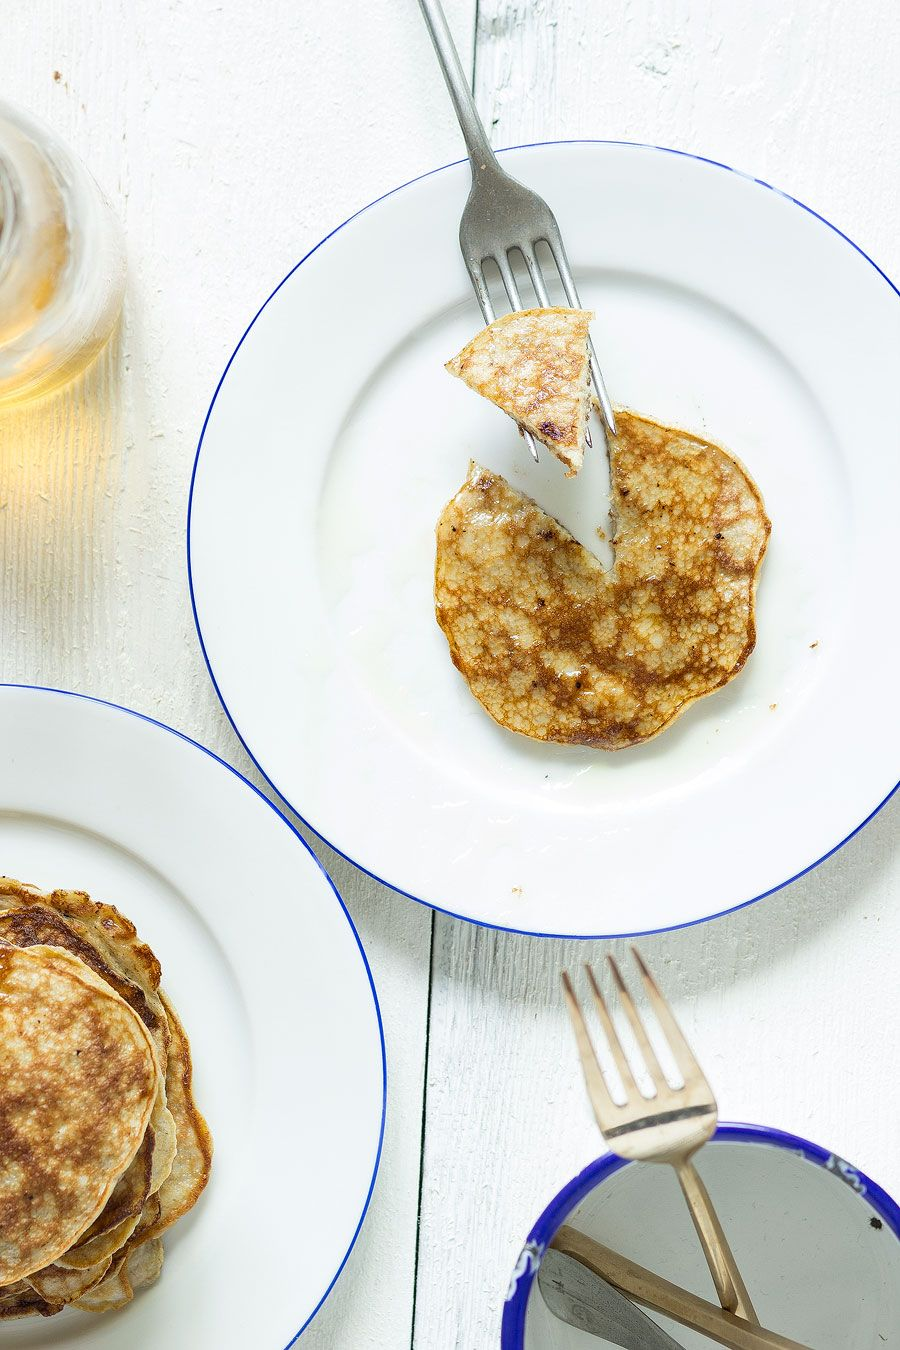 Banaan-ei-pannenkoekjes, gemaakt met alleen banaan en ei. Heerlijk ontbijt of lunch, lekker met wat vers fruit of een drupje honing.